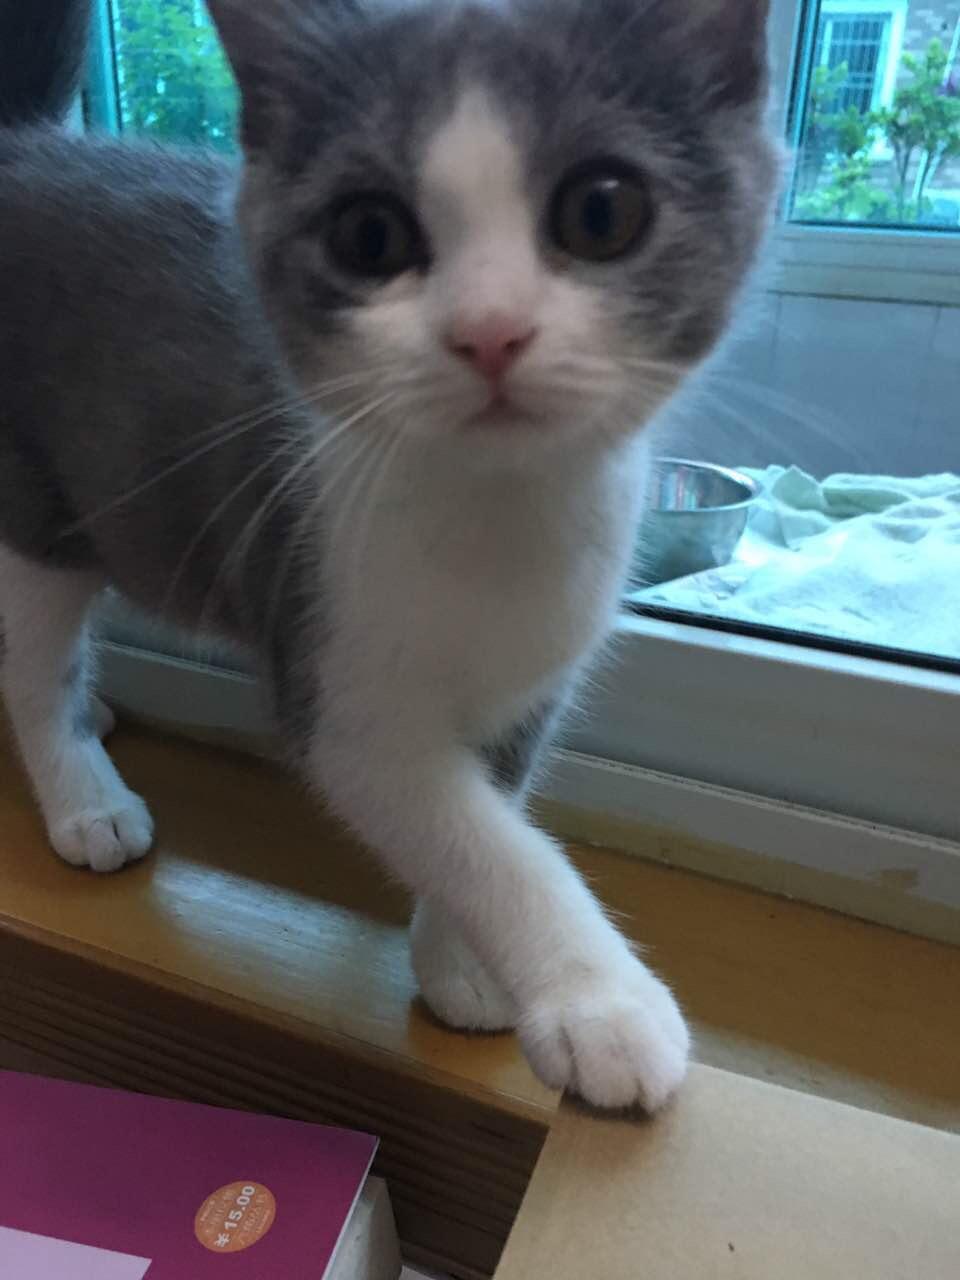 我的猫好瘦而且鼻子颜色变浅了是不是生病了?